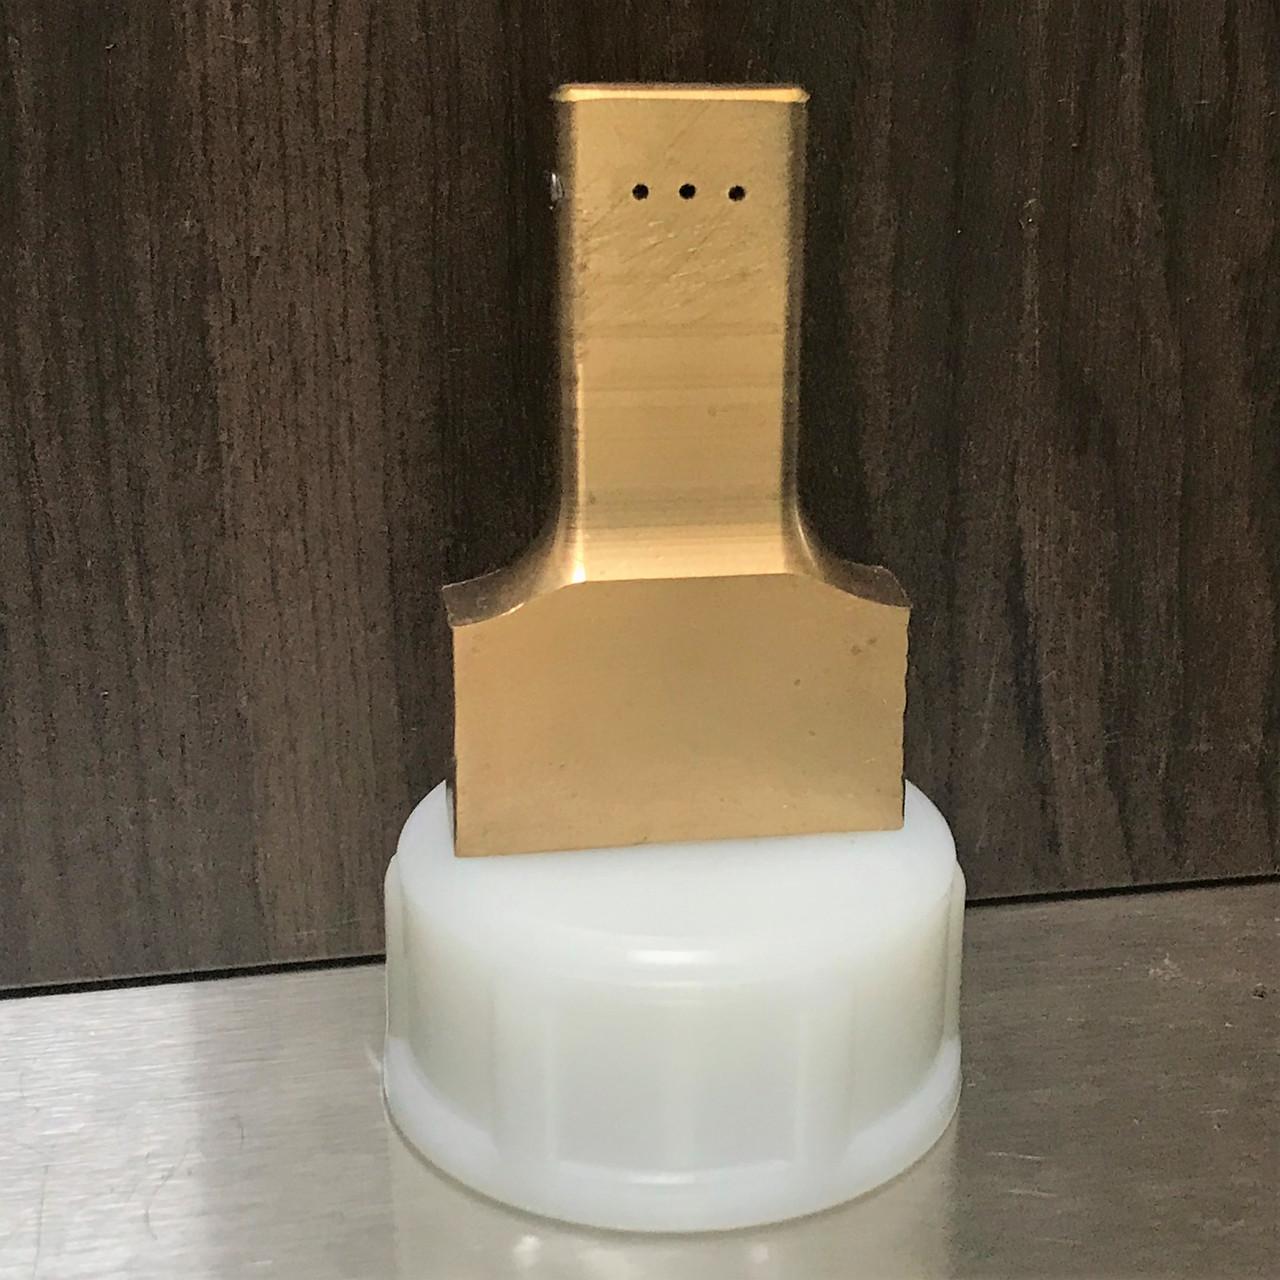 Pizzi Domino (Festool) Glue Attachment 4mm X 17mm x 20mm